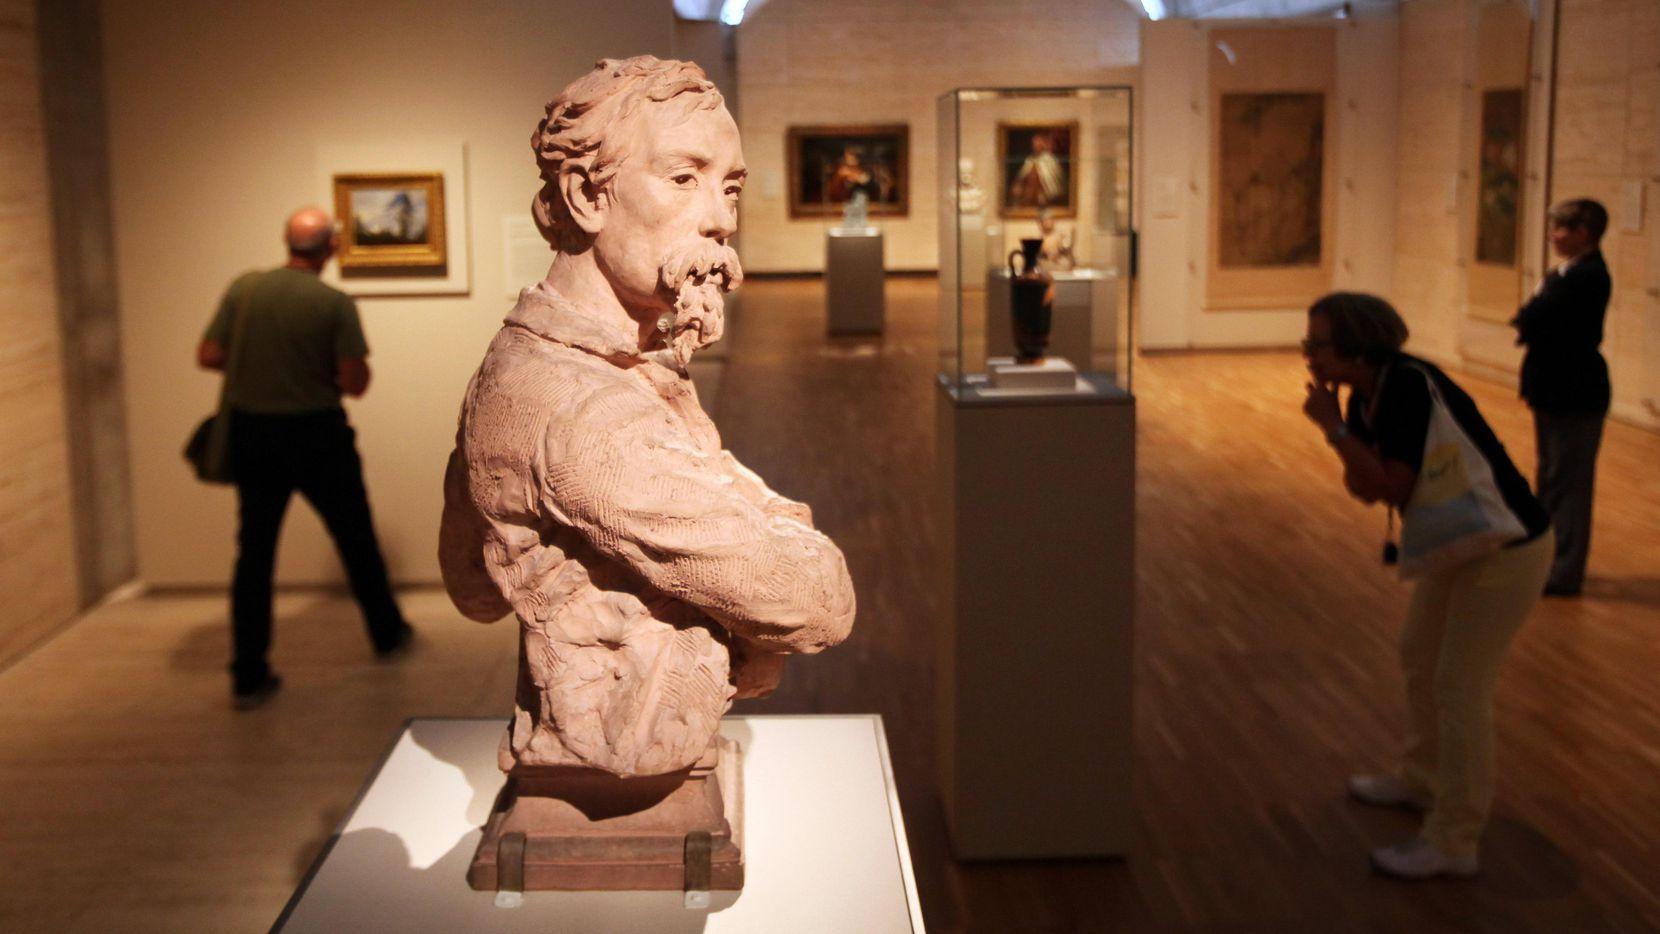 La colección permanente del Museo de Arte Kimbell tiene casi 350 piezas de Europa, Asia, Africa, Oceanía y Mesoamérica. (AL DÍA/BEN TORRES)